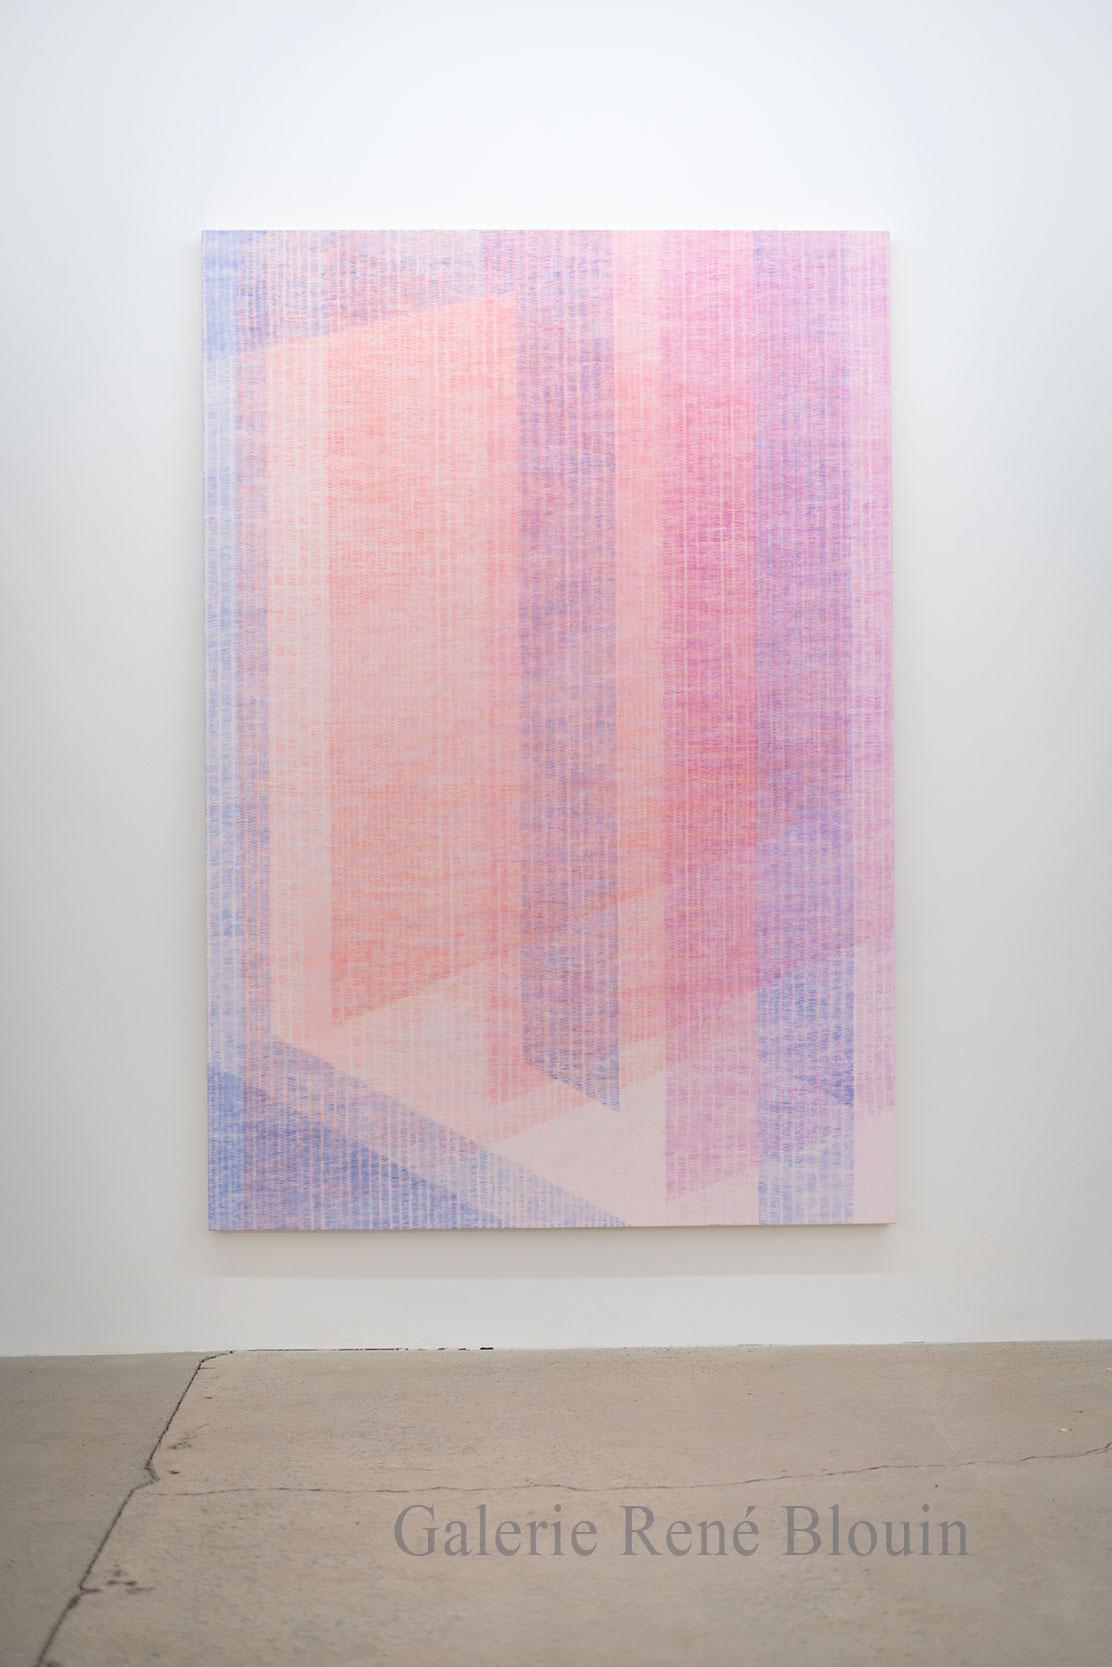 Marie-Claire Blais, Être la porte qui s'ouvre 4, 2016, acrylique sur toile, 221 x 152 cm /87 x 60 pouces. Photo : Marie-Claire Blais